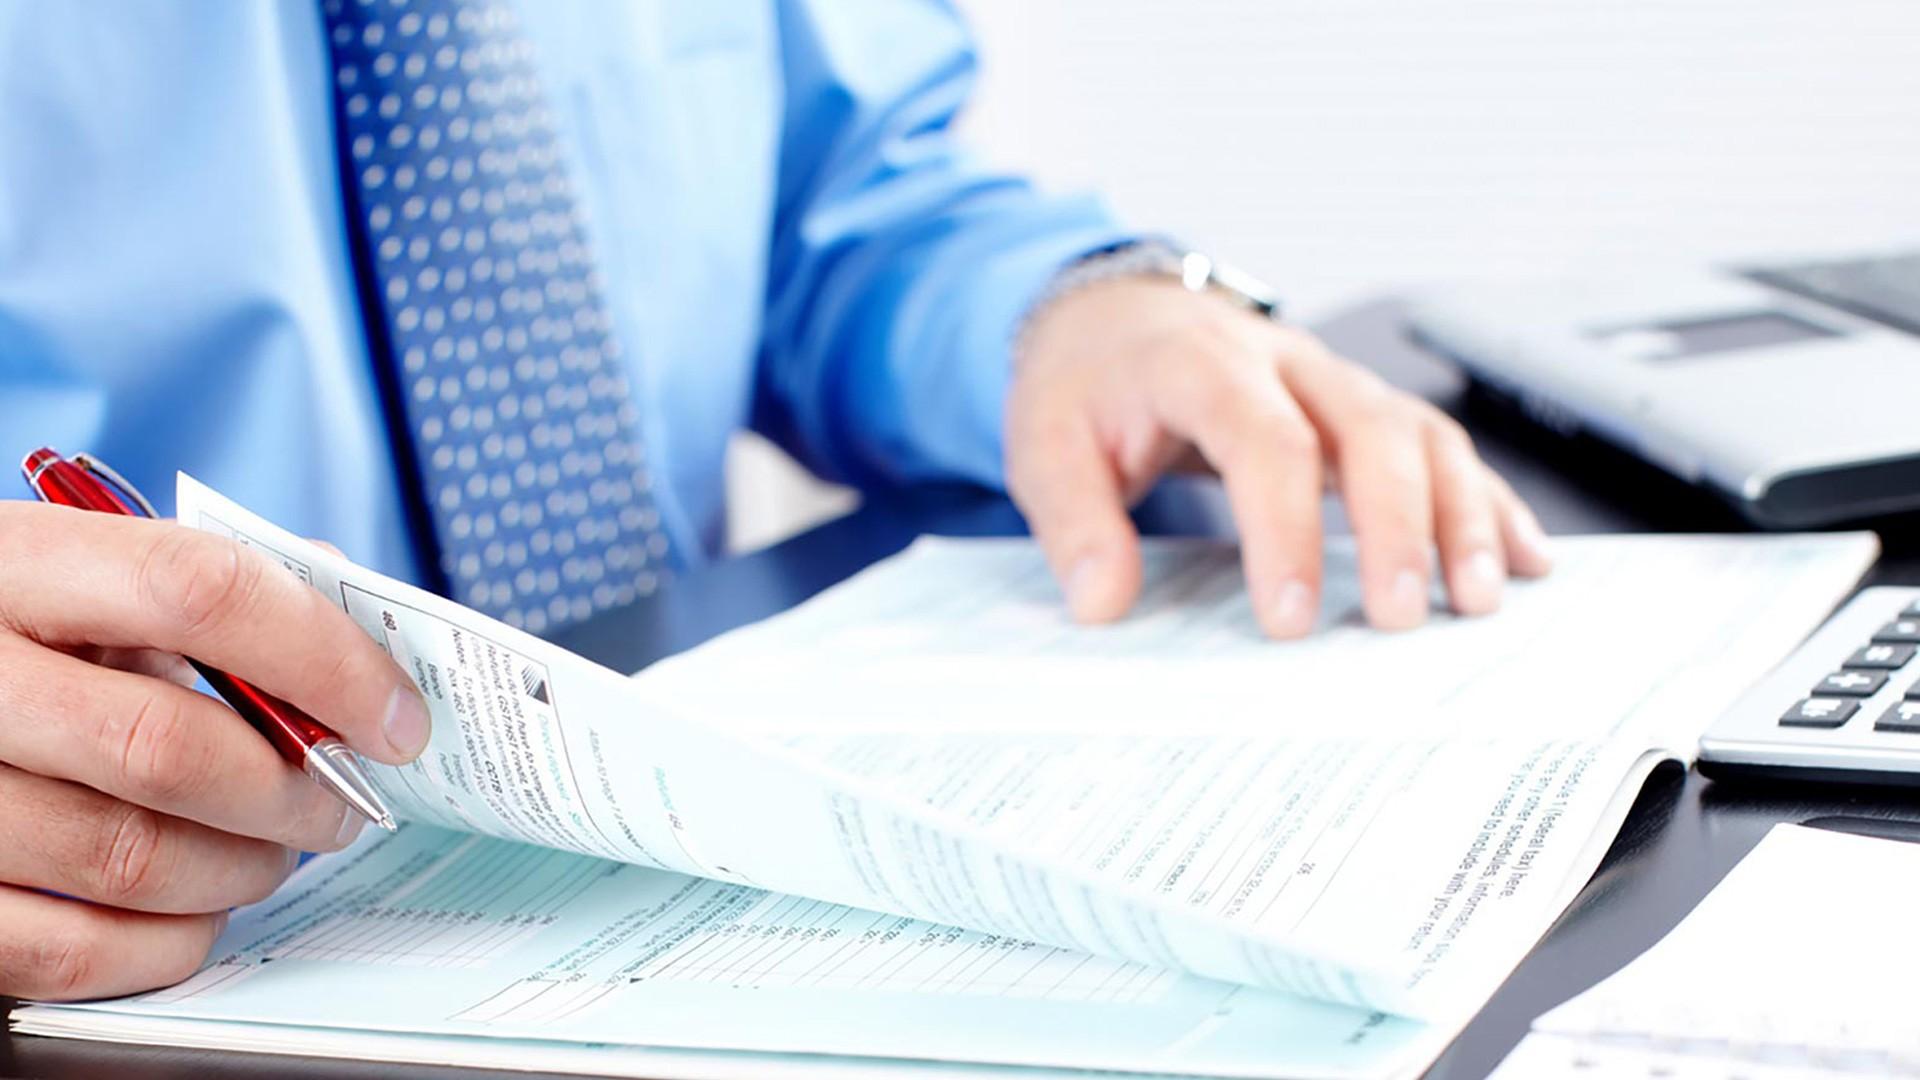 Αλλαγές στο έντυπο Ν φορολογικού έτους 2016